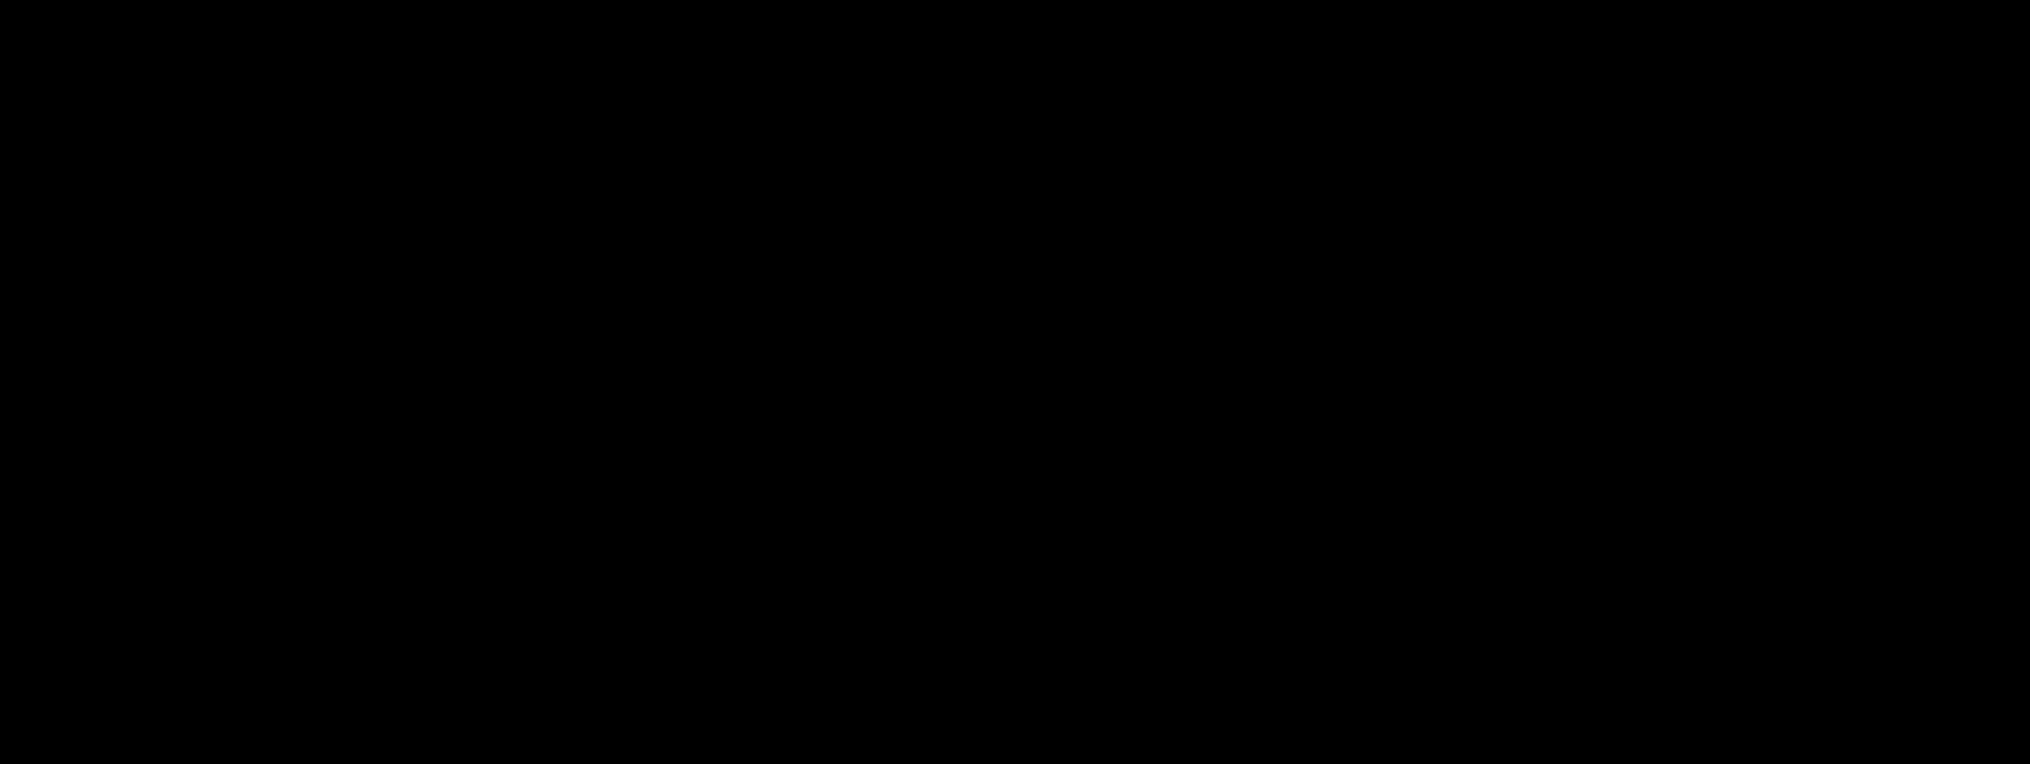 softcotton-logo